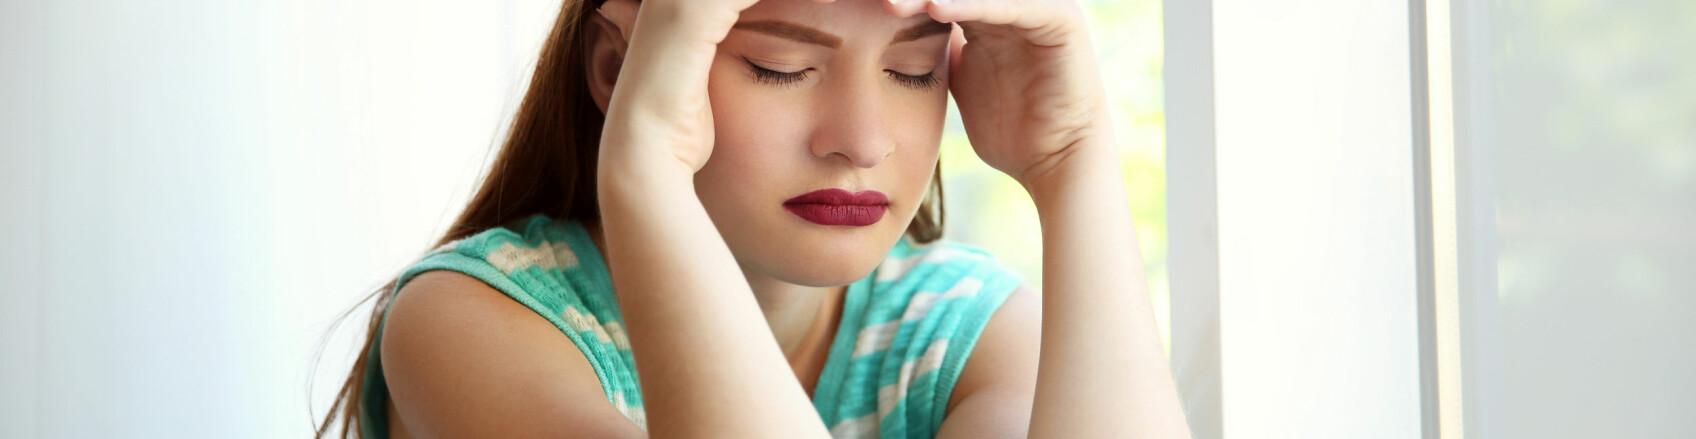 VONDT: Det føles aldri godt å se eksen gå videre, når man selv fortsatt sliter med følelsene etter bruddet... FOTO: Scanpix